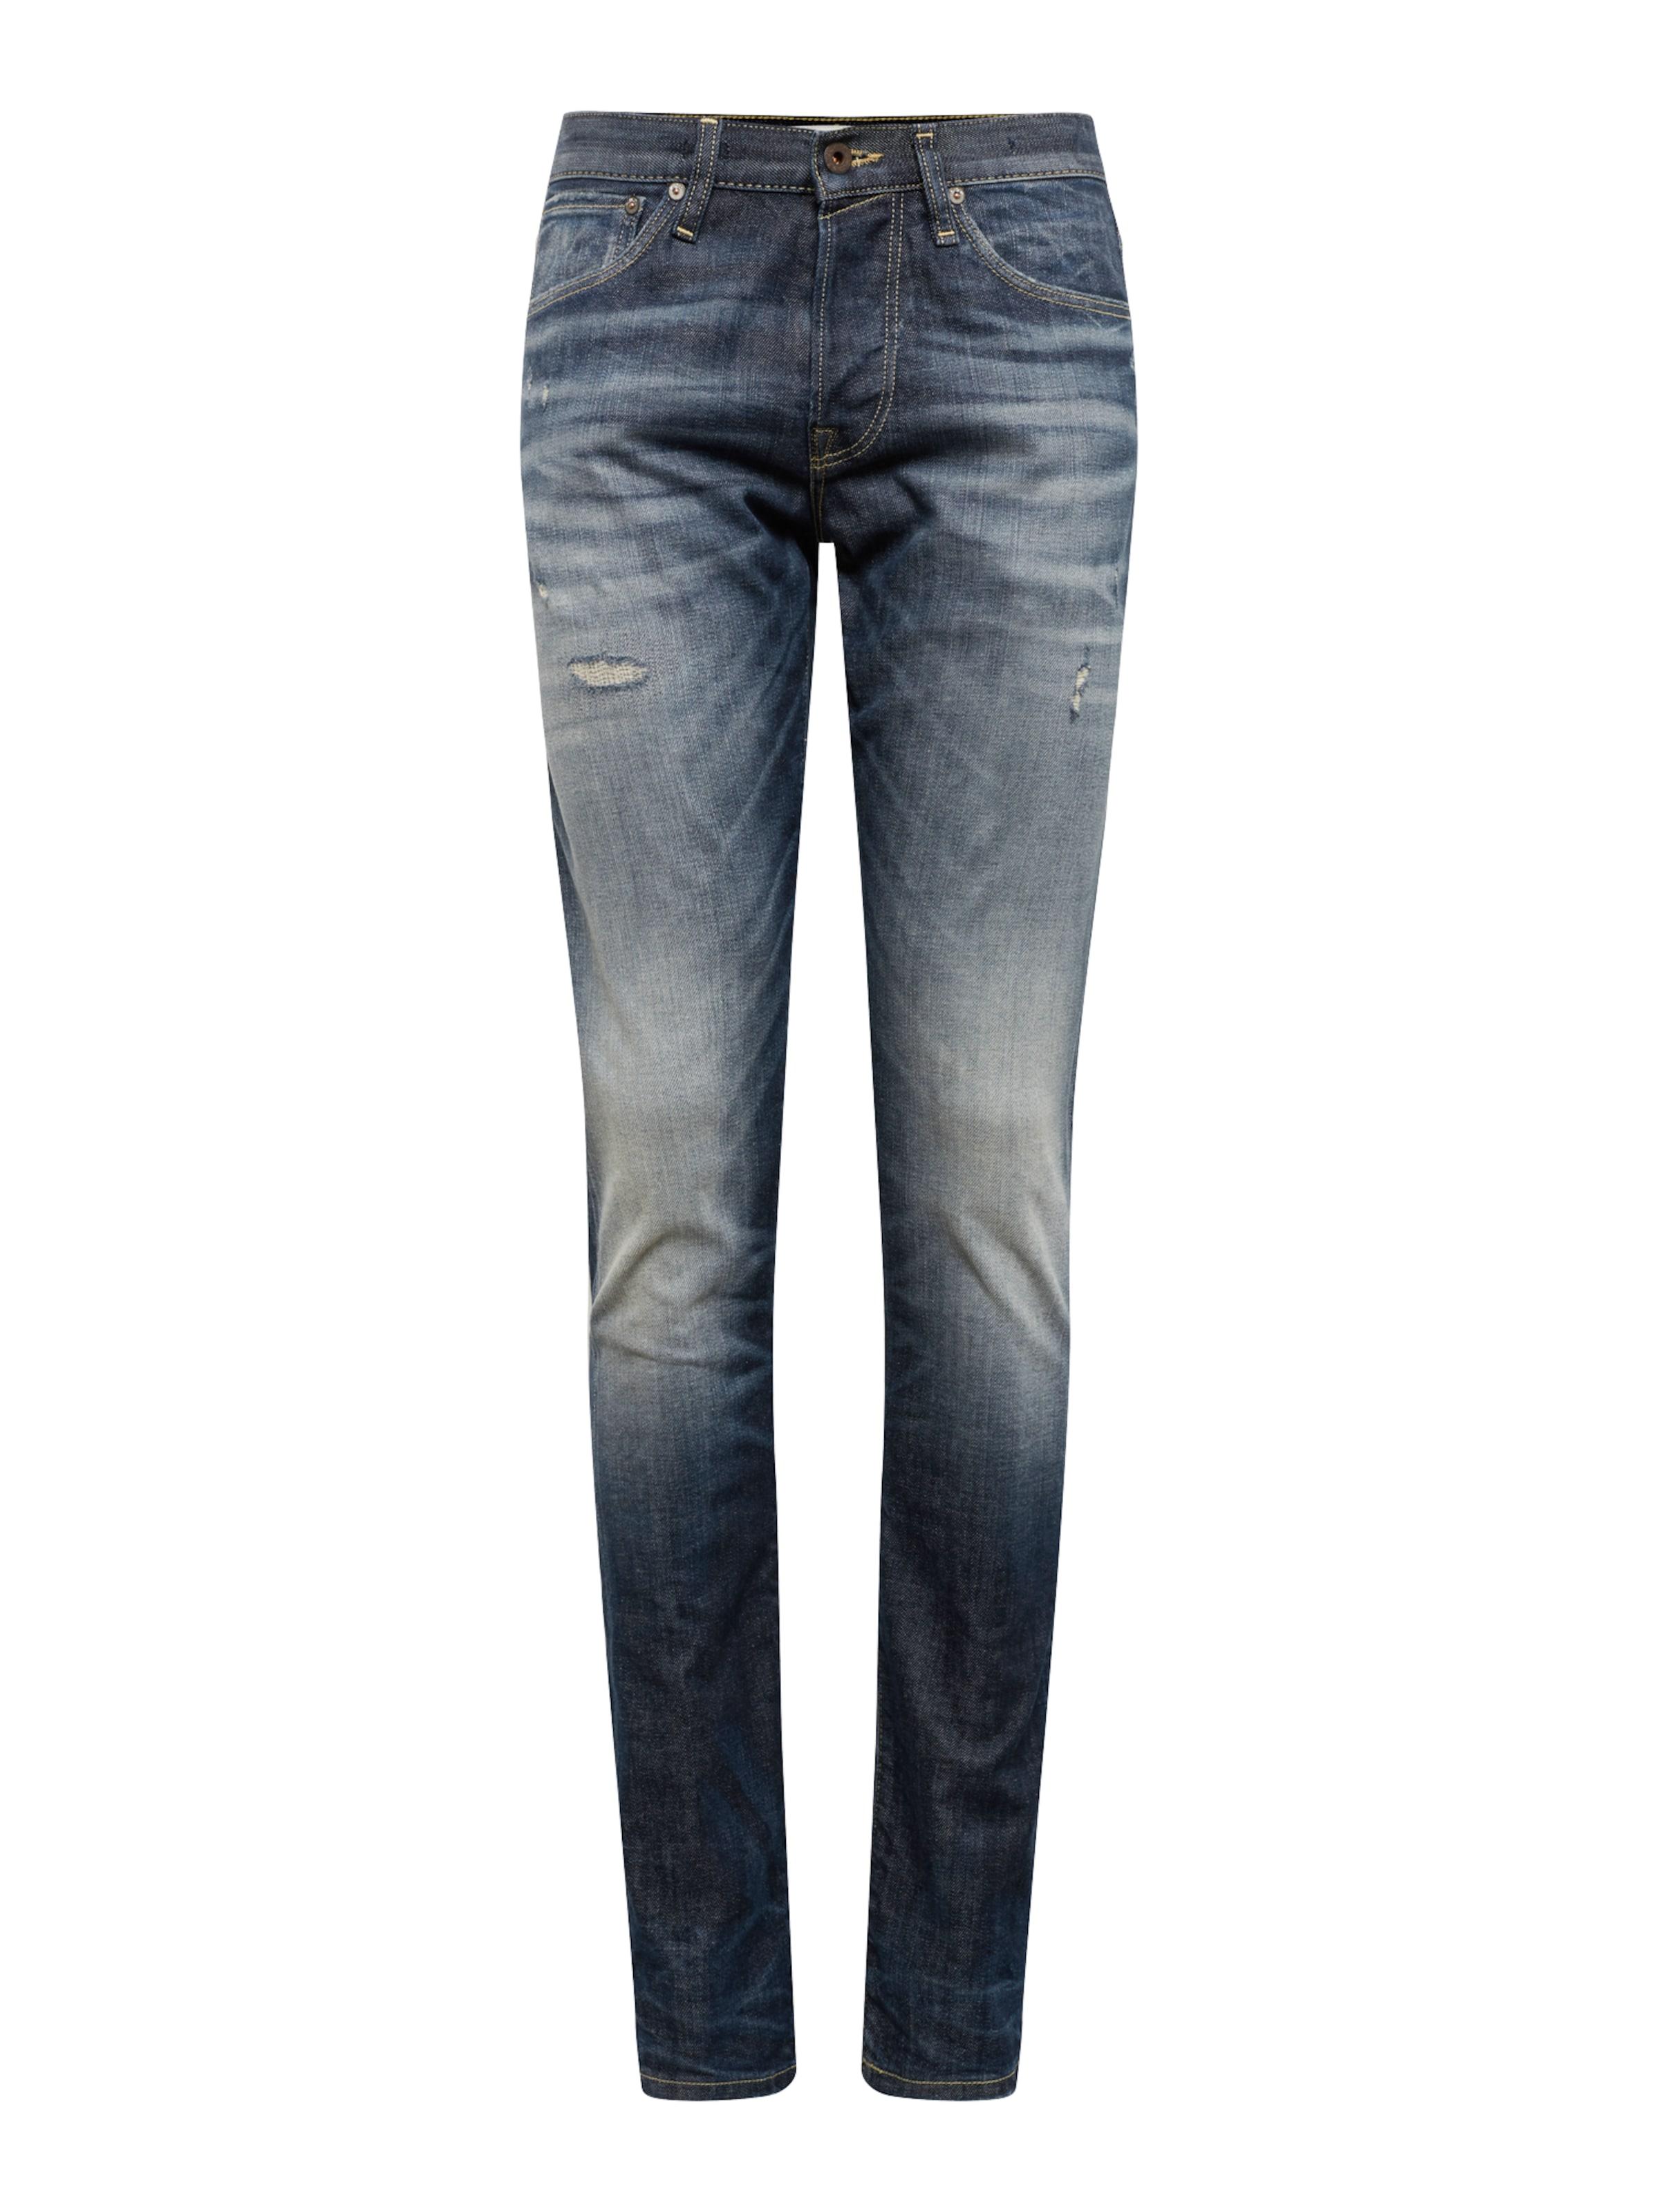 Denim R203 In Blue Jjroyal Rdd' Jeans Jones 'jjiglenn Jackamp; qUpGMSzV